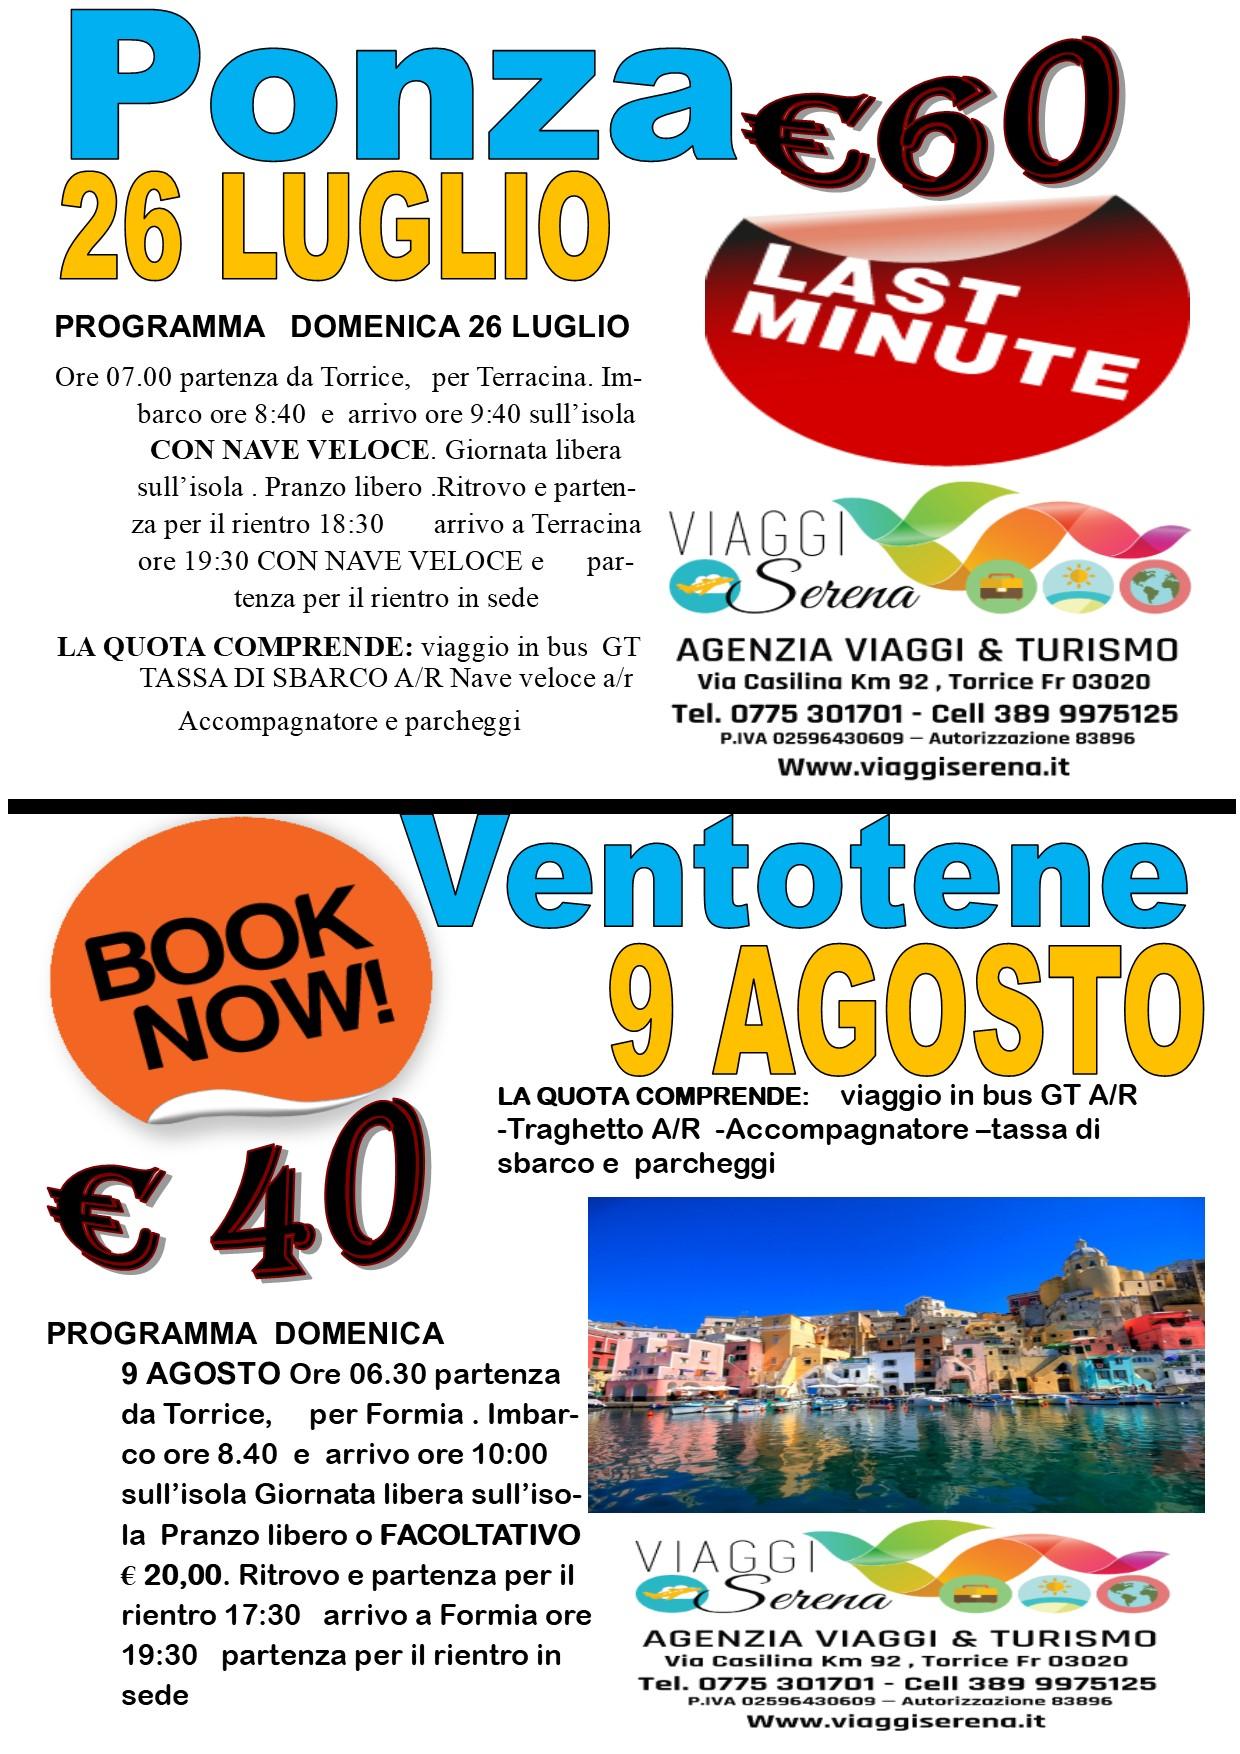 Viaggi di Gruppo: Isola di PONZA 26 Luglio € 60,00